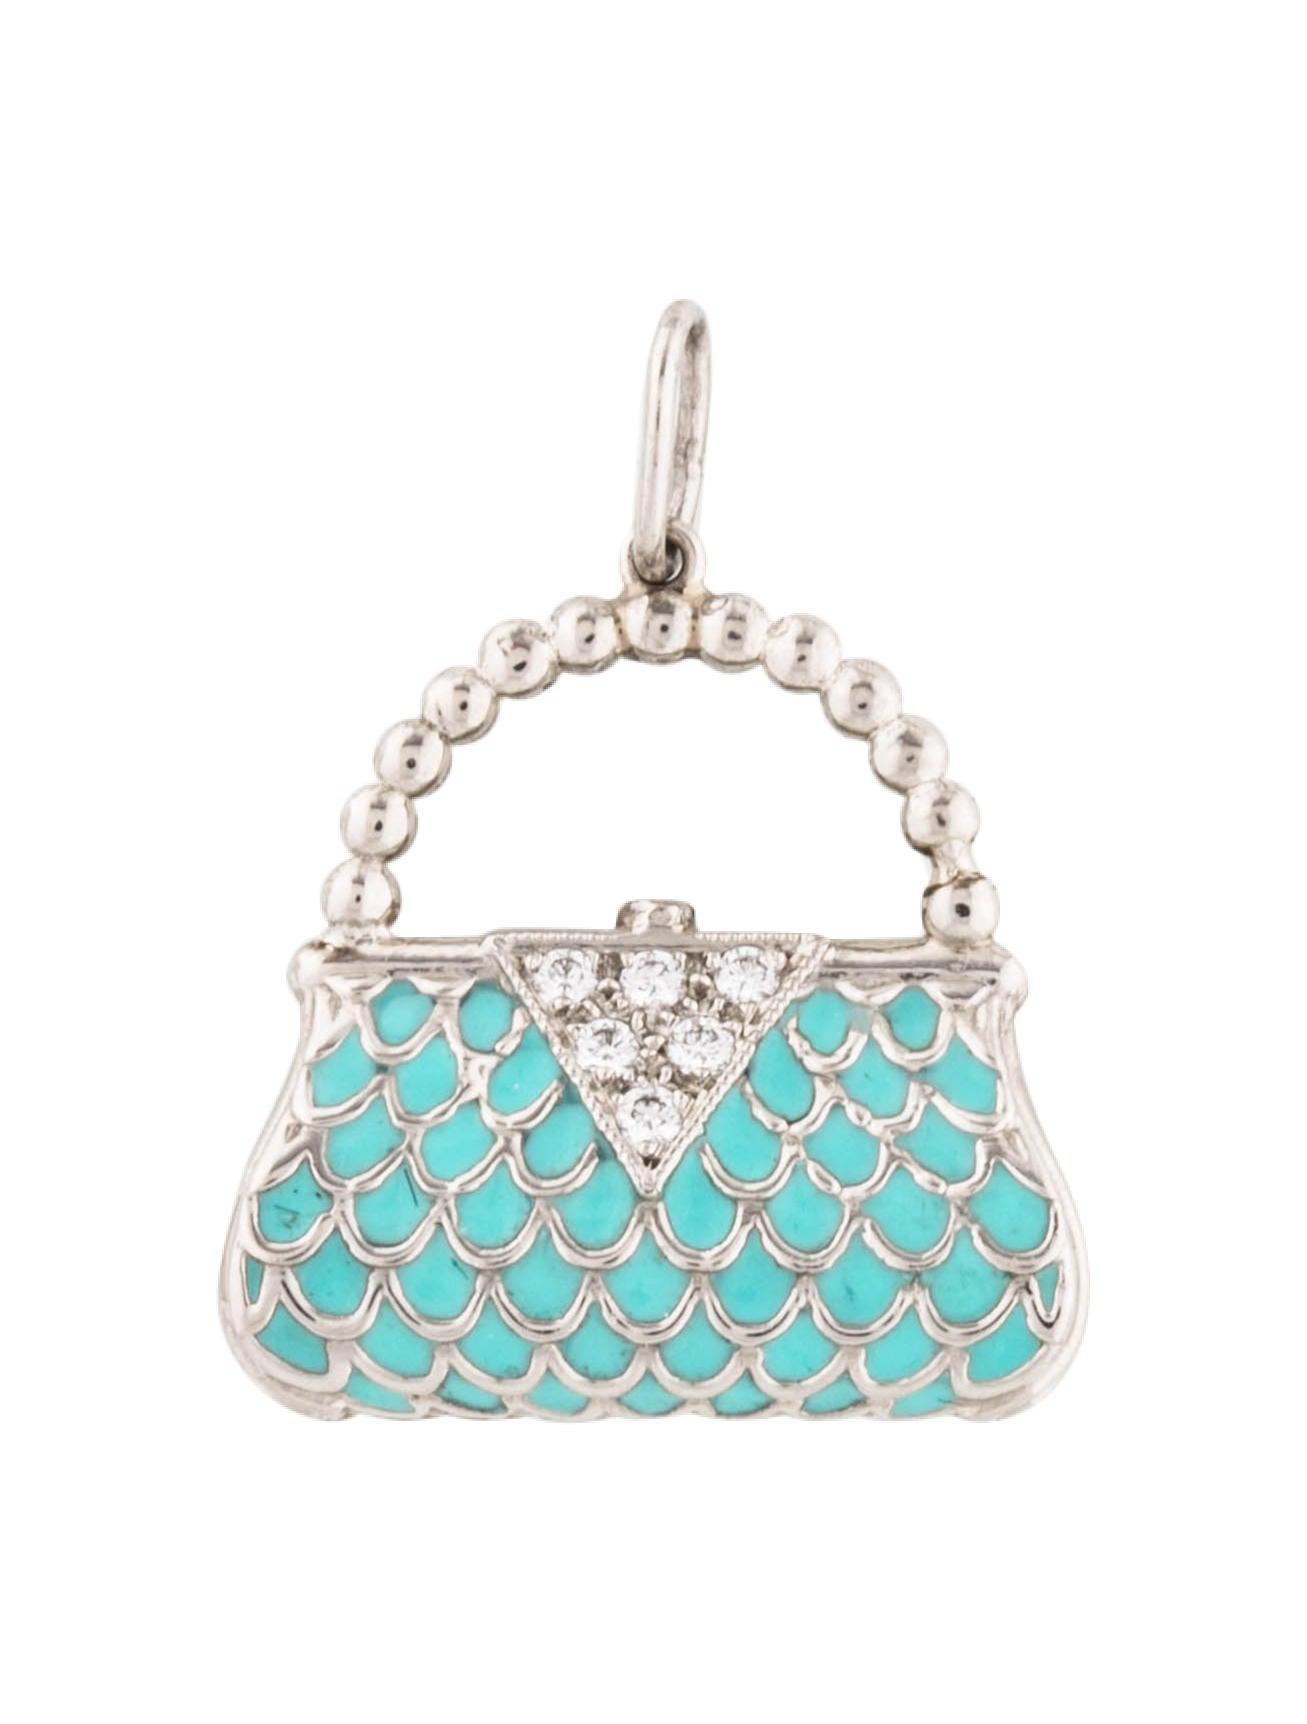 5bed5a9b78 Tiffany & Co. Diamond & Enamel Handbag Charm - Charms - TIF92409 ...